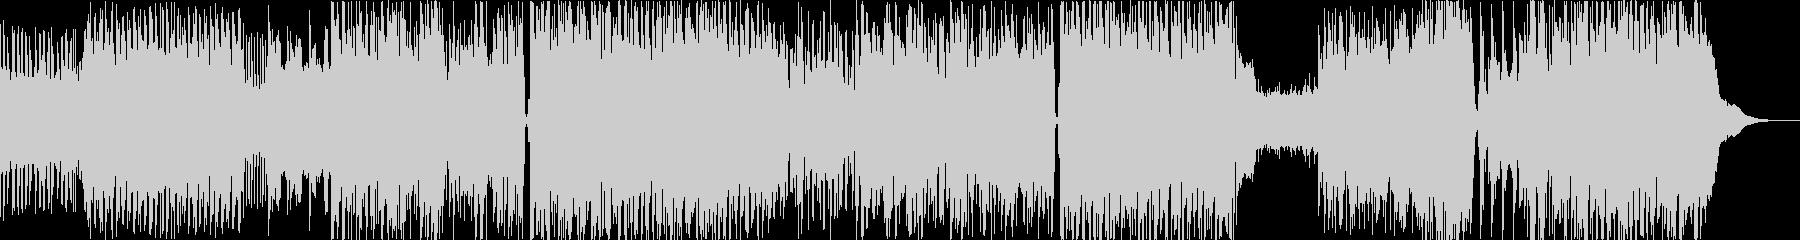 ノリのいいアニメオープニング的曲の未再生の波形